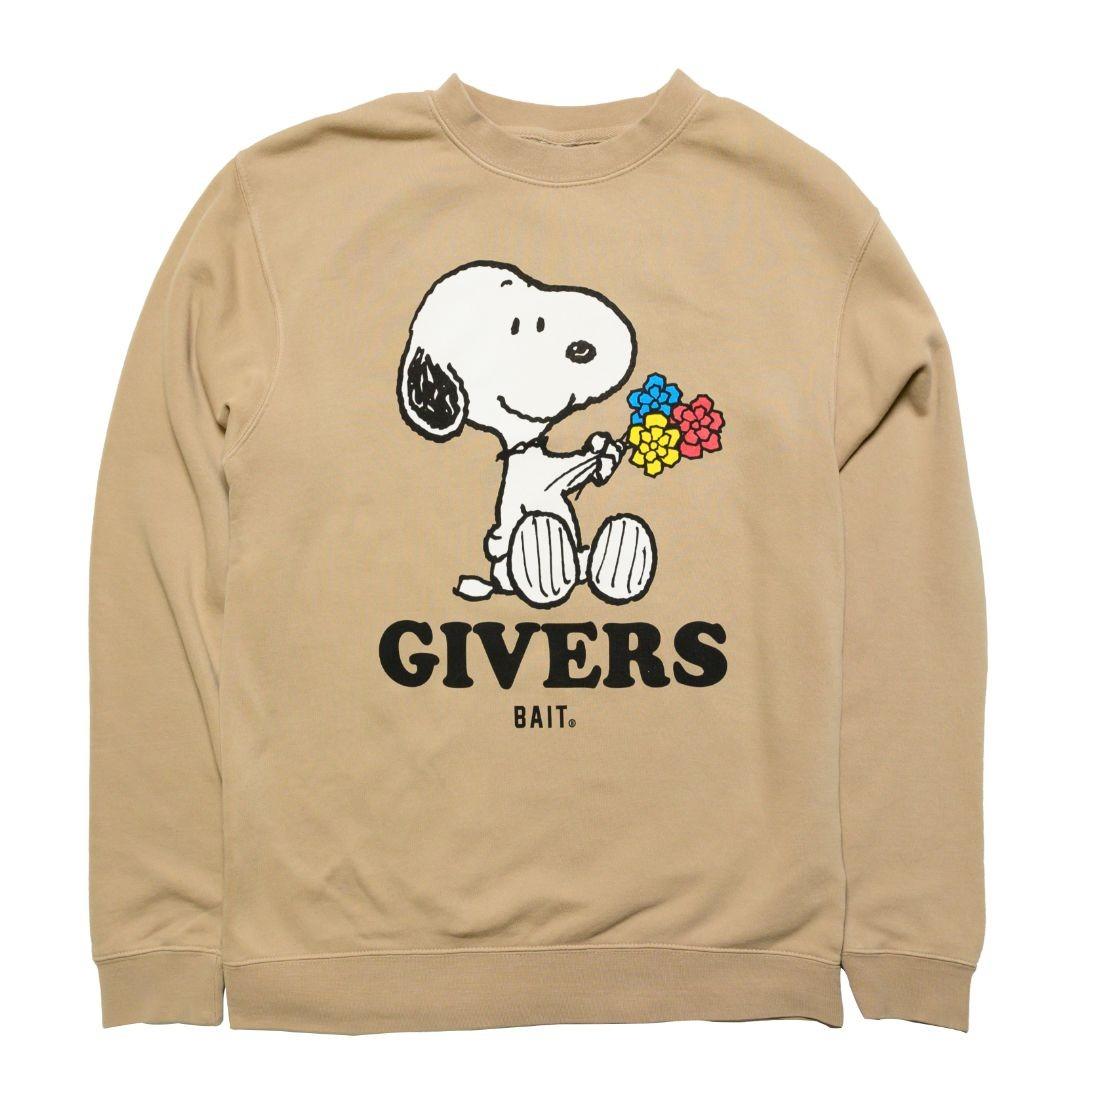 BAIT x Snoopy Men Givers Crewneck (sand / pigment)